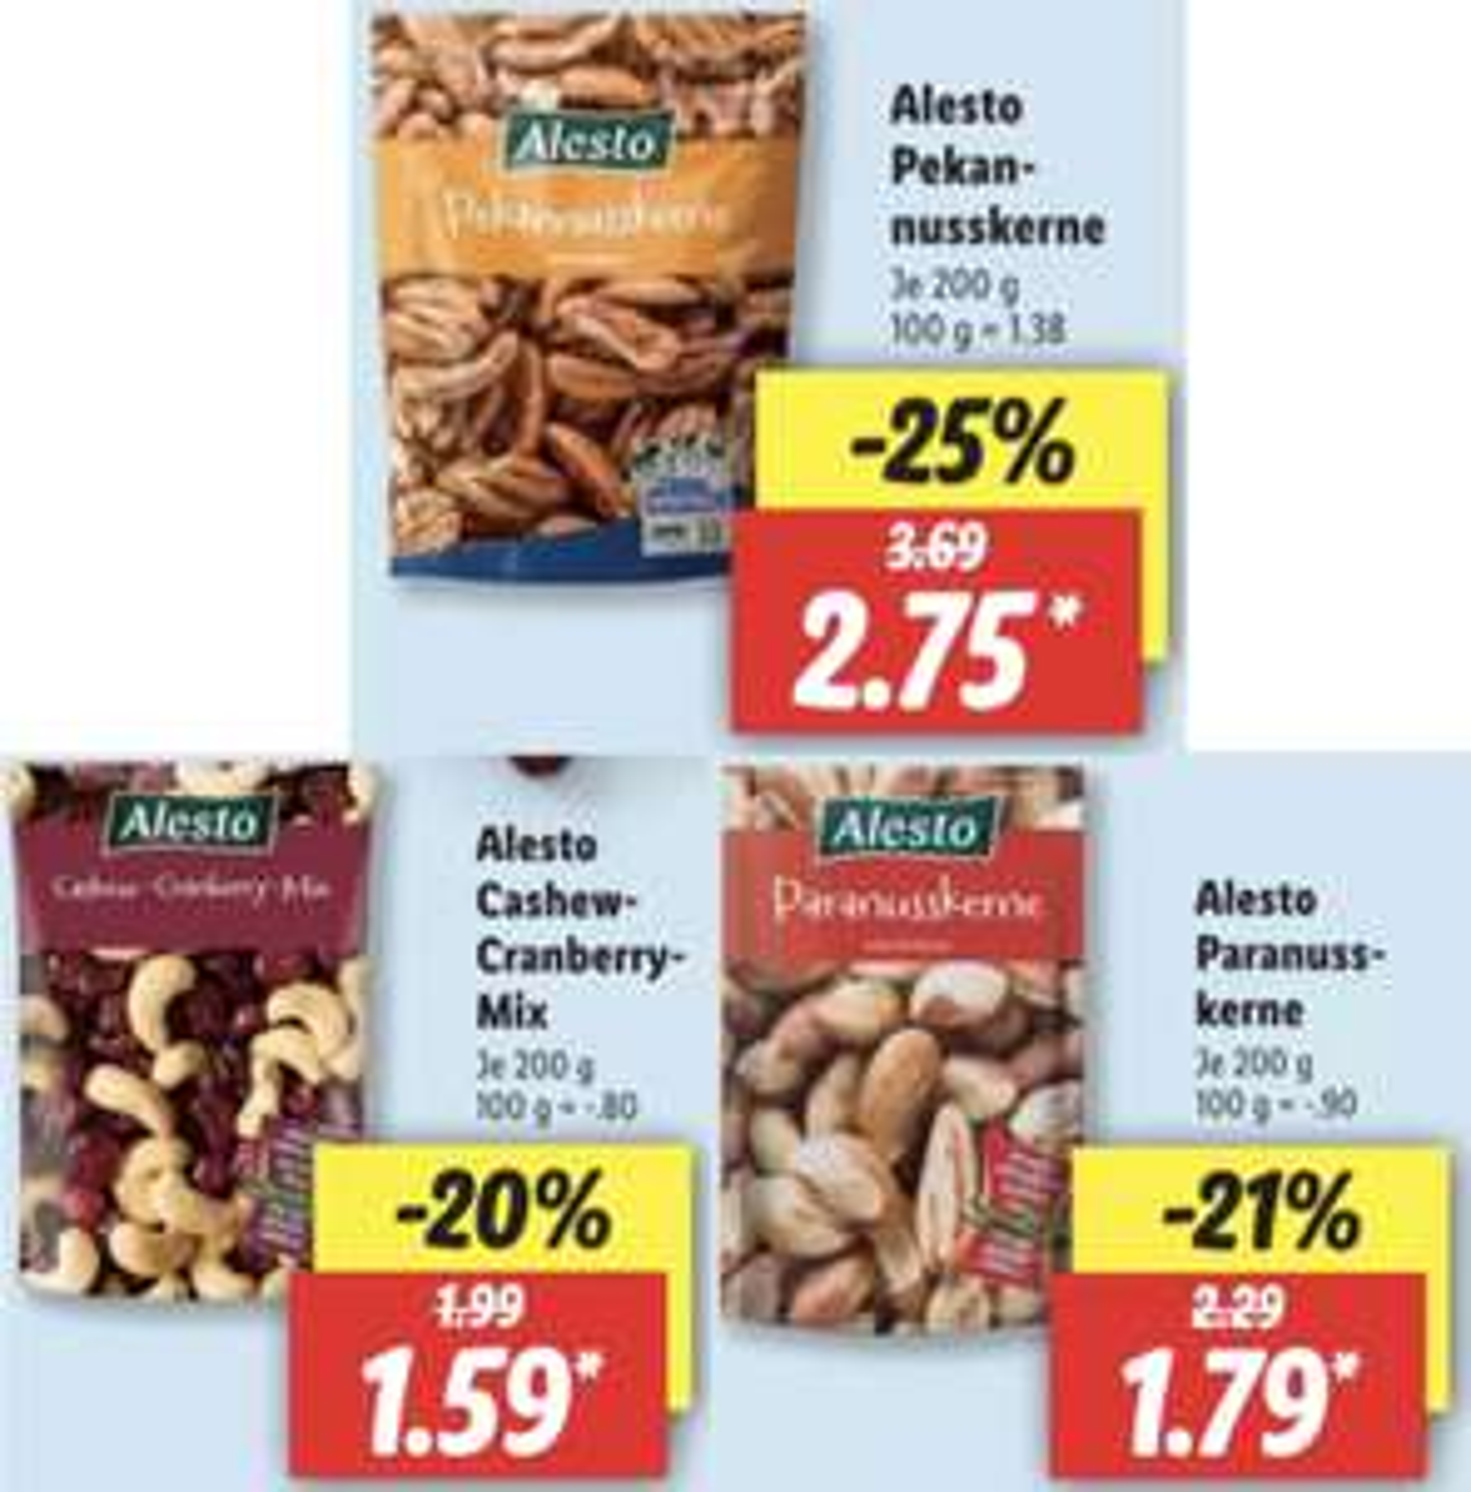 Alesto Pekannusskerne 200g Packung für 2,75€ / Alesto Paranusskerne für 1,79€ / Alesto Cashew-Cranberry Mix für 1,59€ usw.